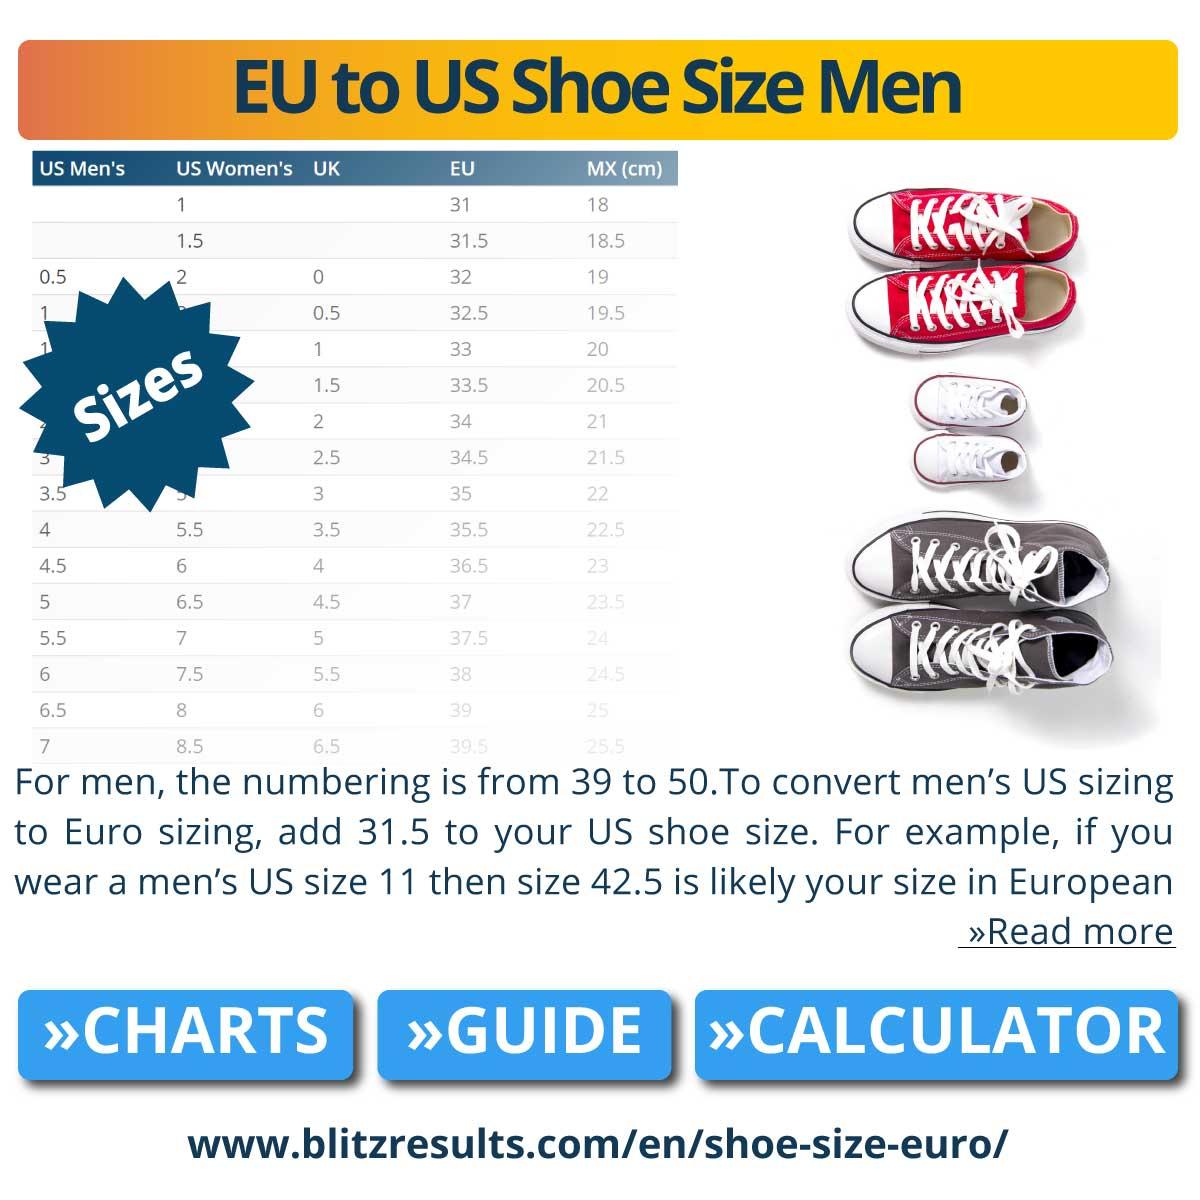 EU to US Shoe Size Men